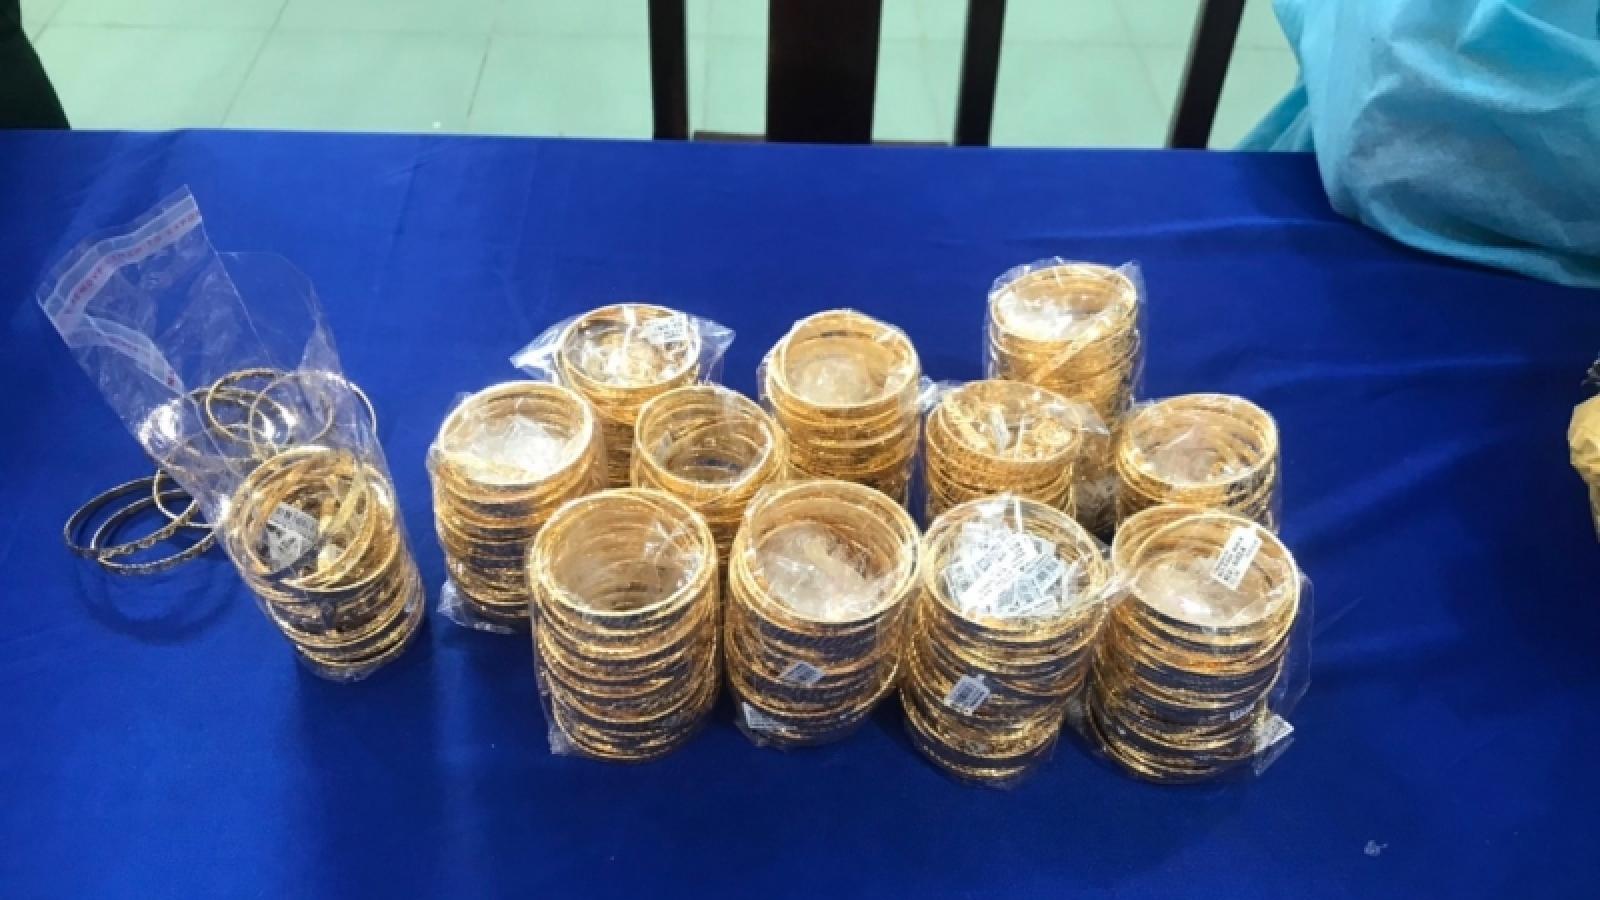 Triệt xoá thành công 2 chuyên án buôn lậu vàng qua biên giới